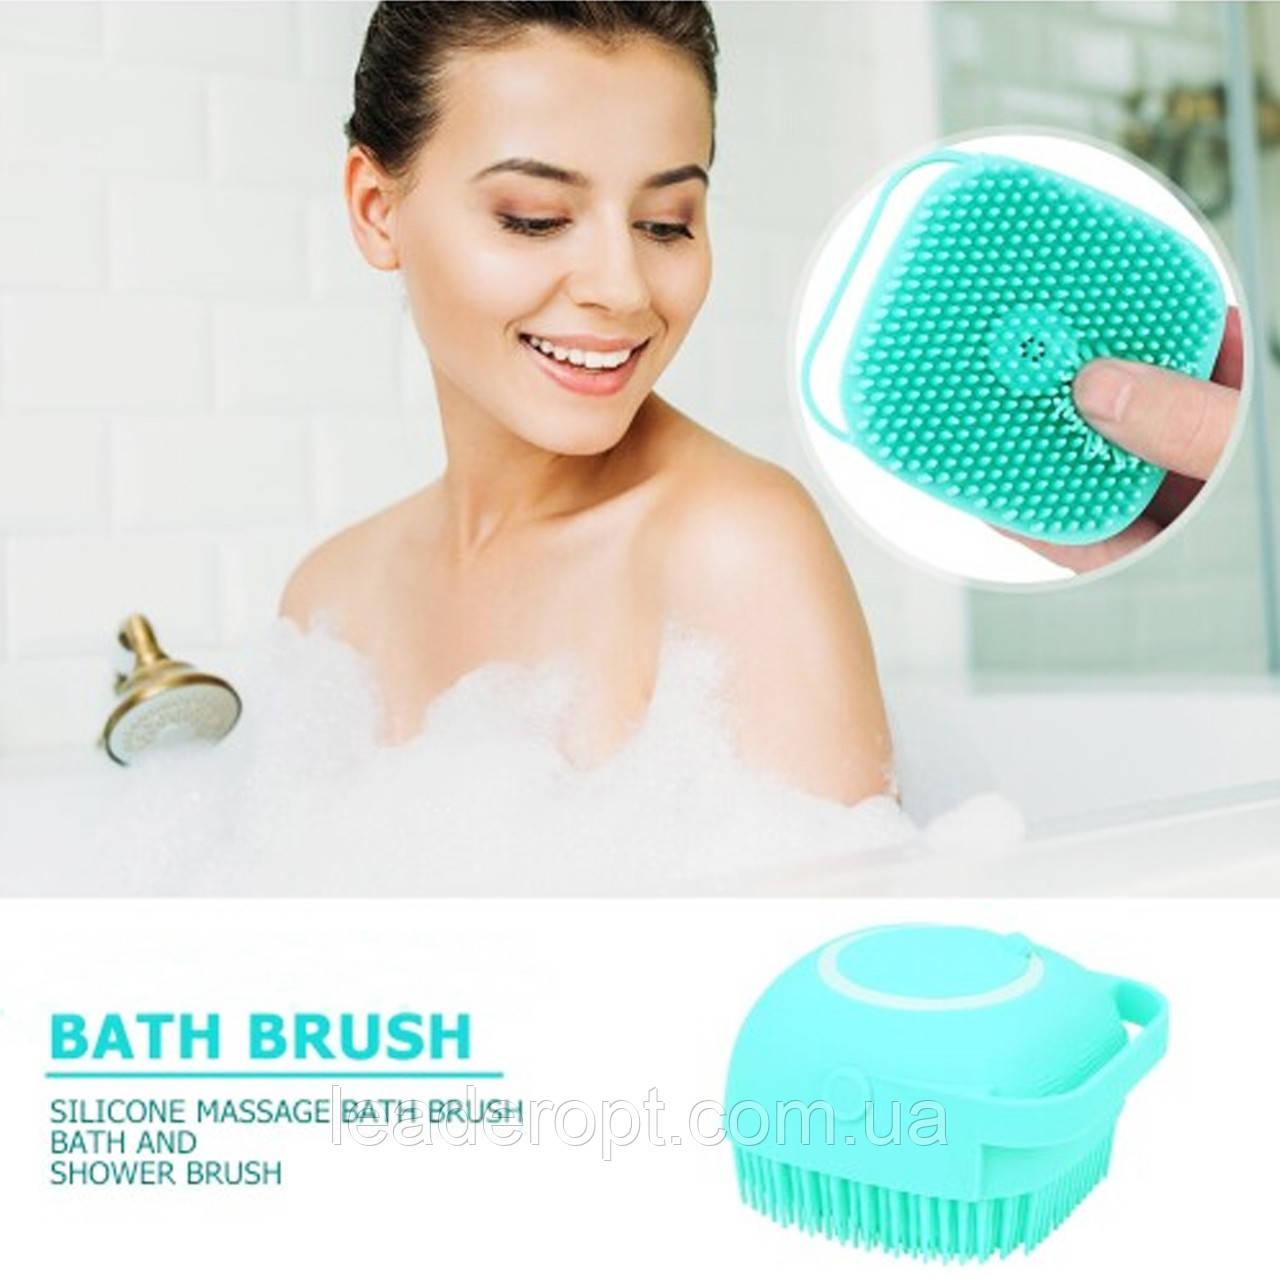 ОПТ Силиконовая массажная щётка для тела с дозатором для мыла Silicone Massage Bath Brush уход за телом